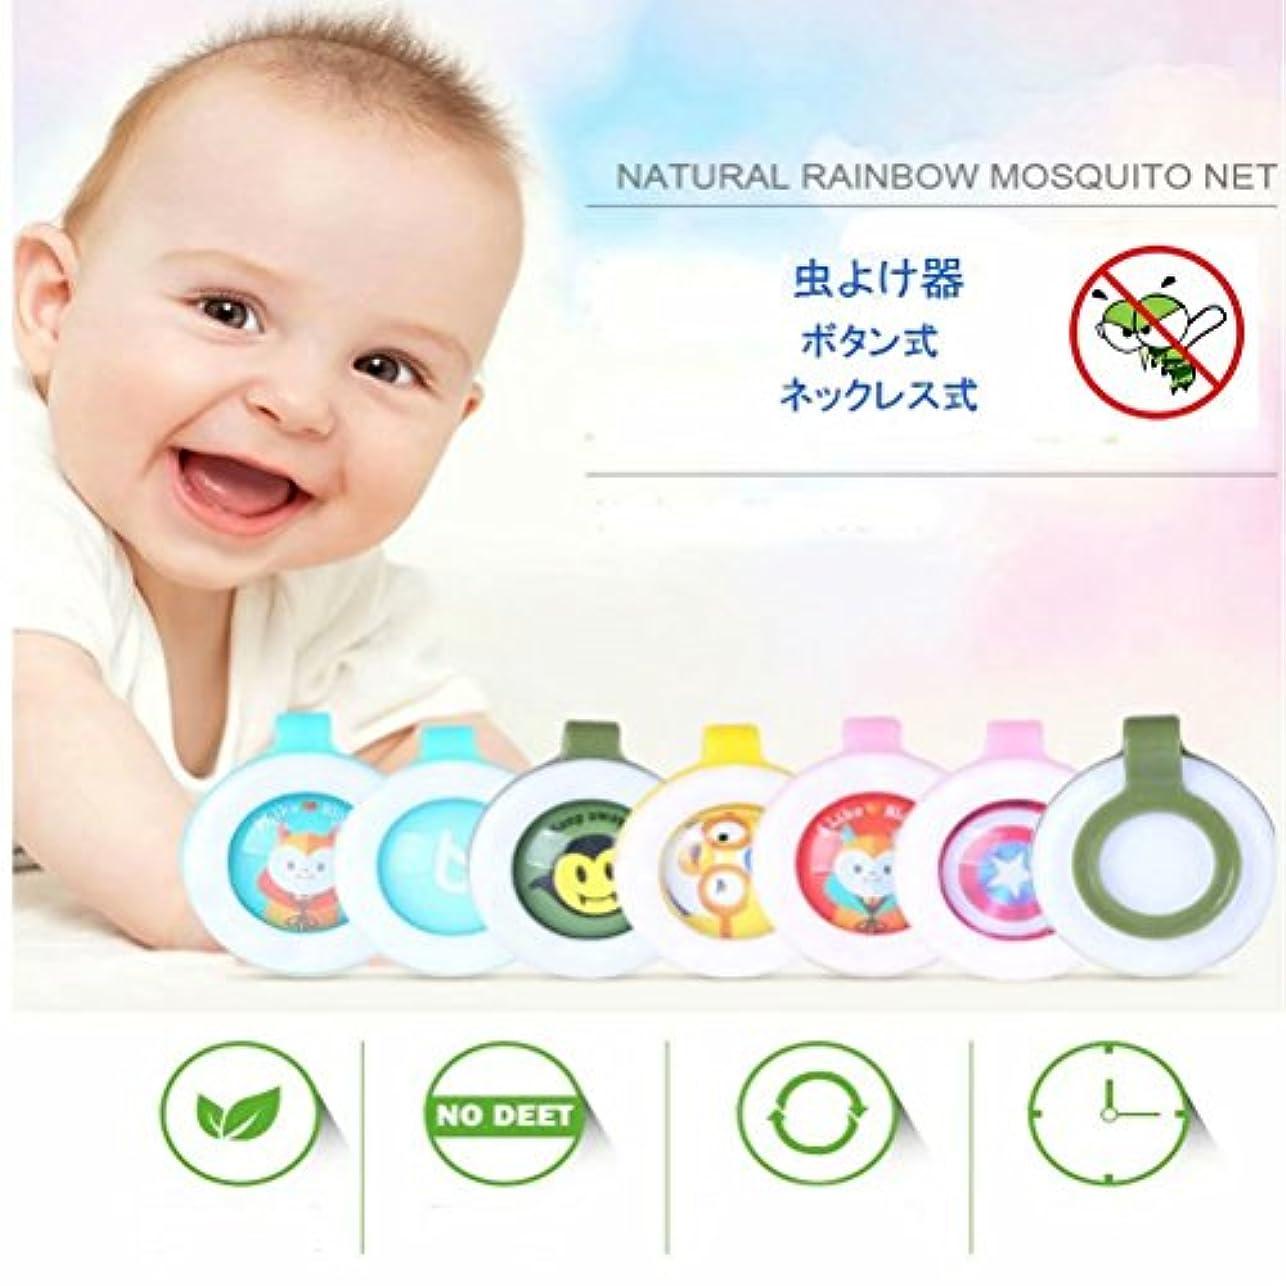 カウントアップ電極特異性虫除け 子供 蚊 駆除 ボタン ネックレス 安全 天然成分 赤ちゃん 服 ネック 首 5個セット